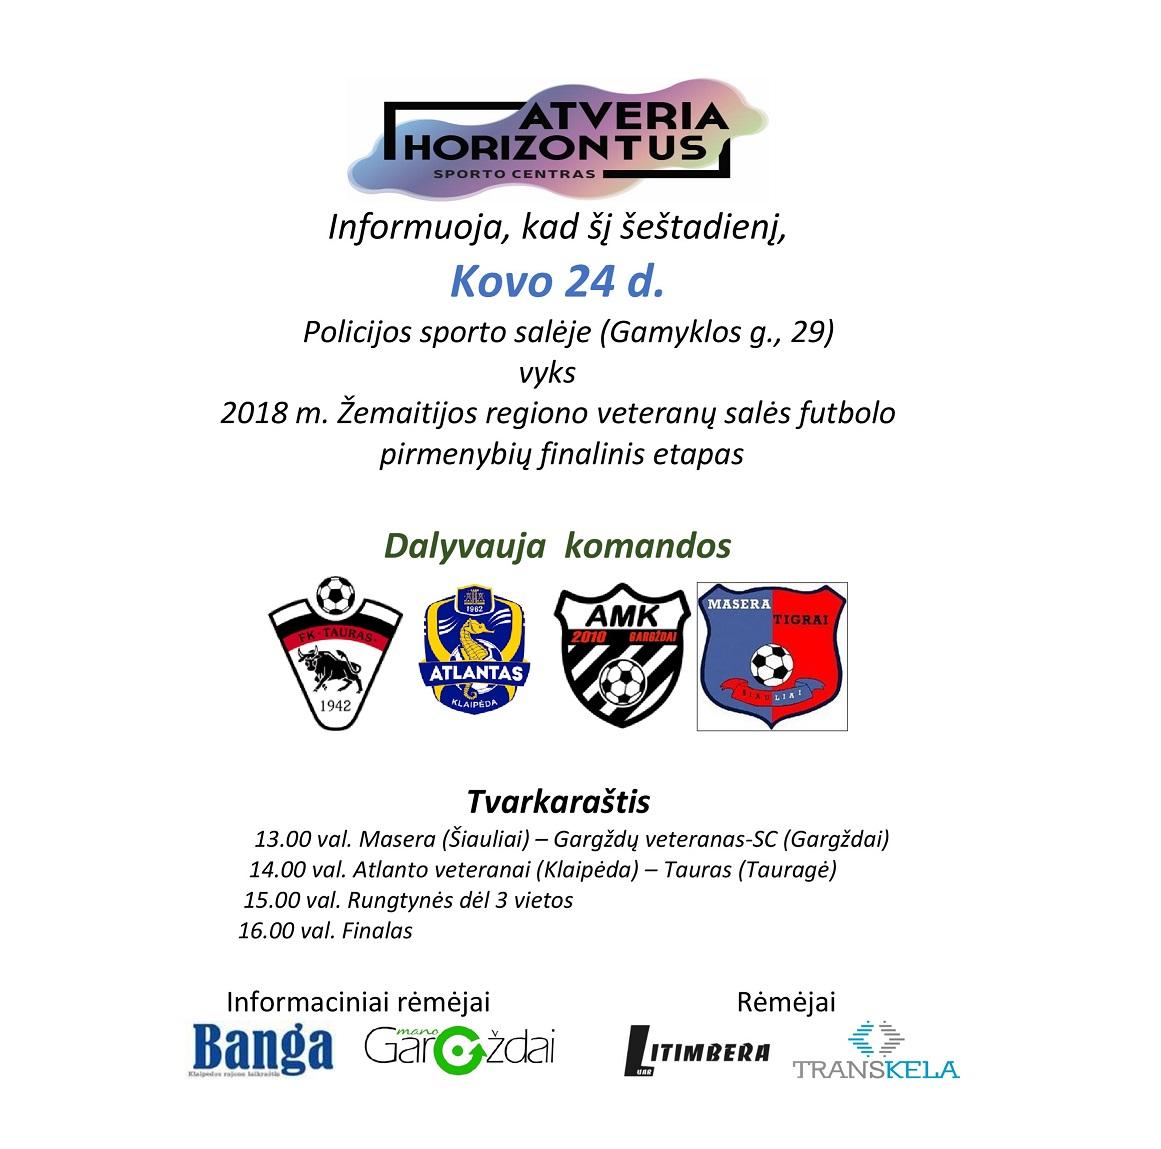 Vyks Žemaitijos regiono veteranų salės futbolo pirmenybių finalinis etapas